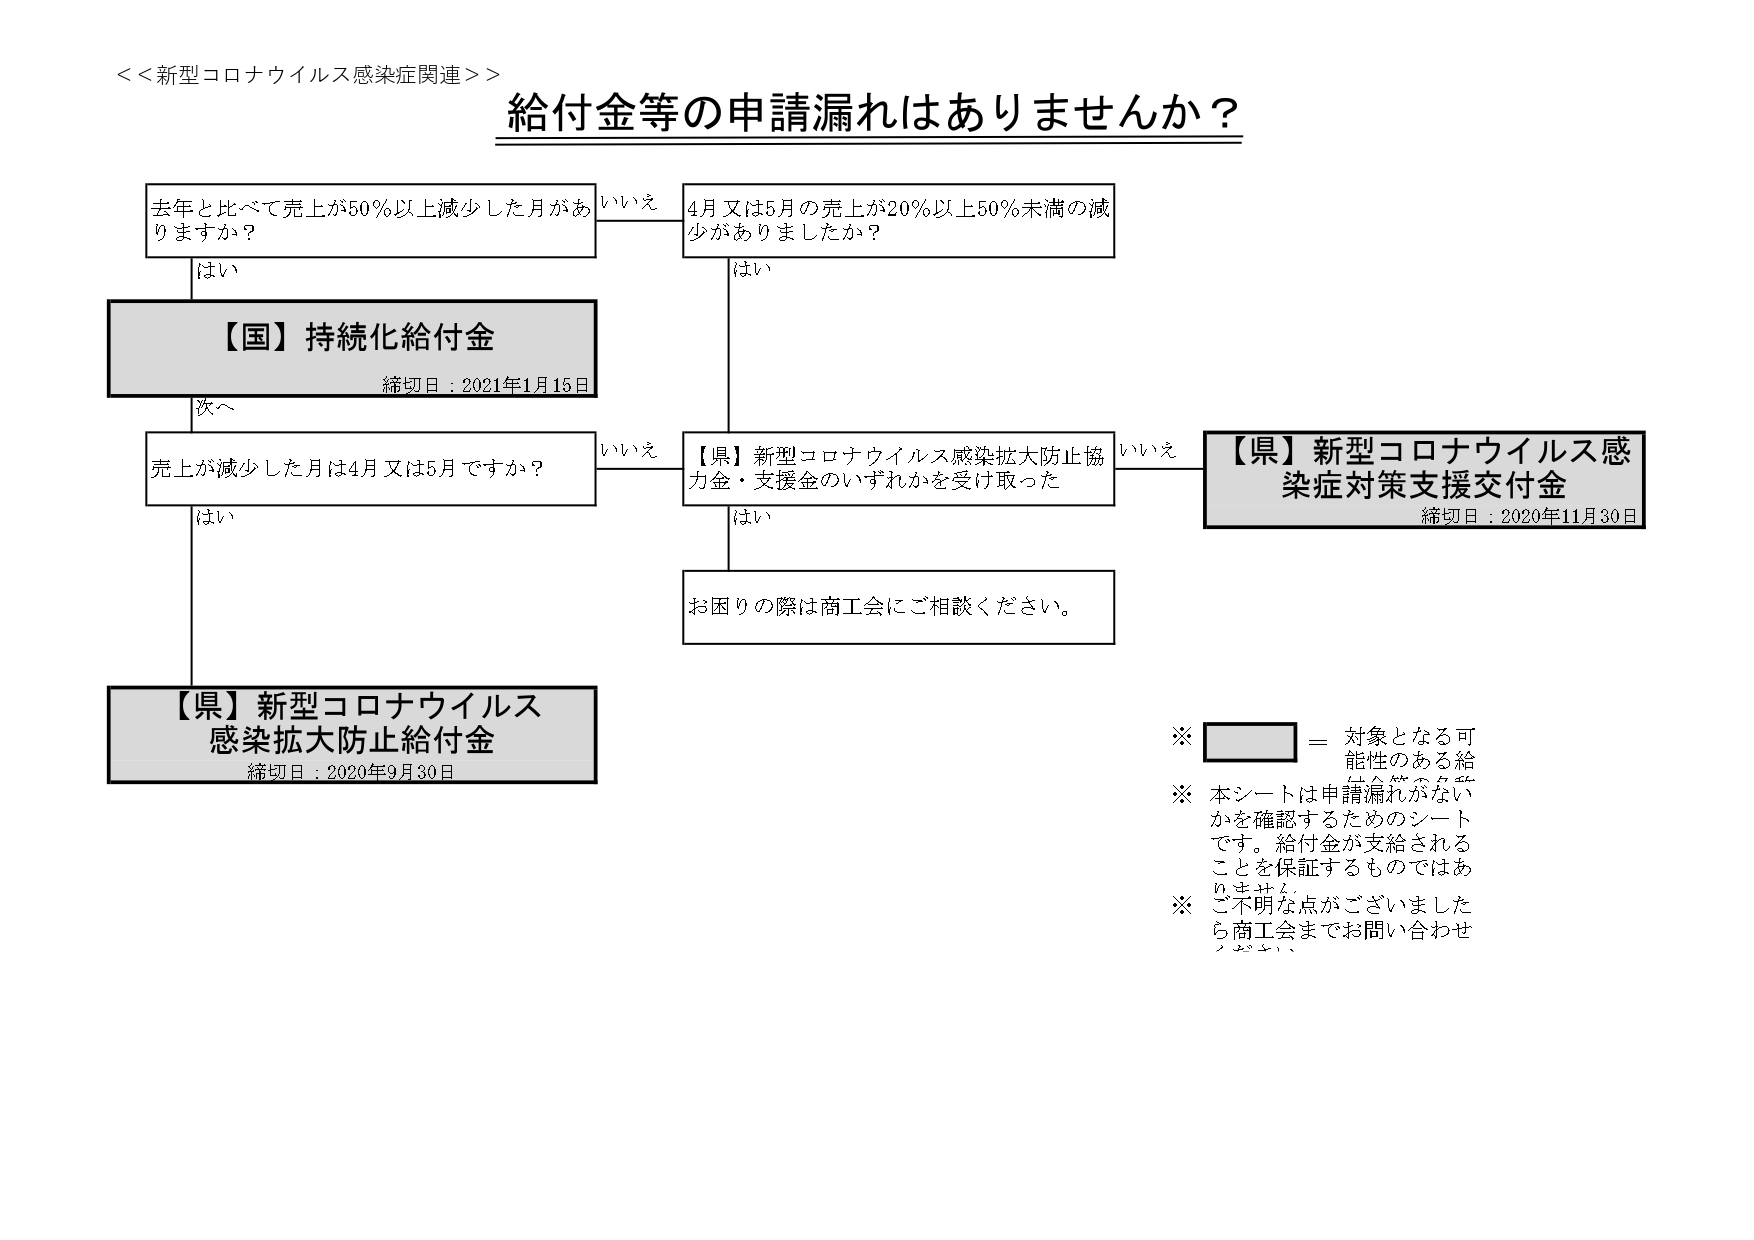 福島 県 新型 コロナ ウイルス 感染 症 拡大 防止 給付 金